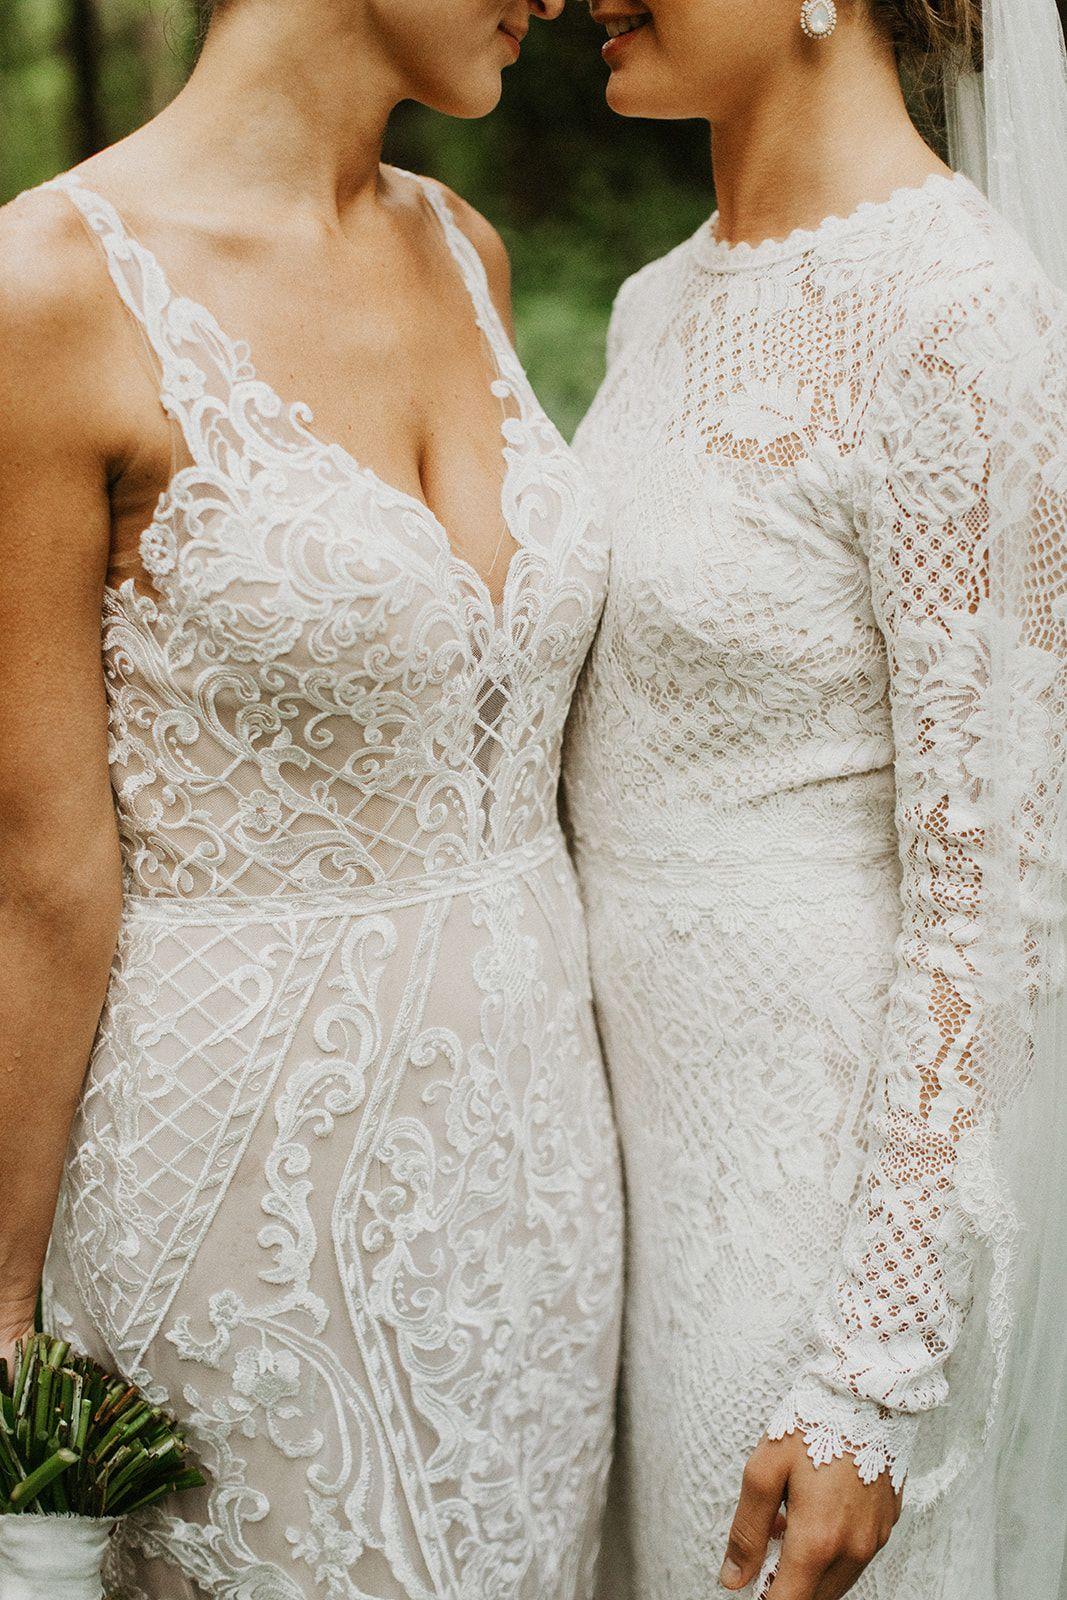 Redwoods Wedding Inspiration Princess Ball Gowns Wedding Dress